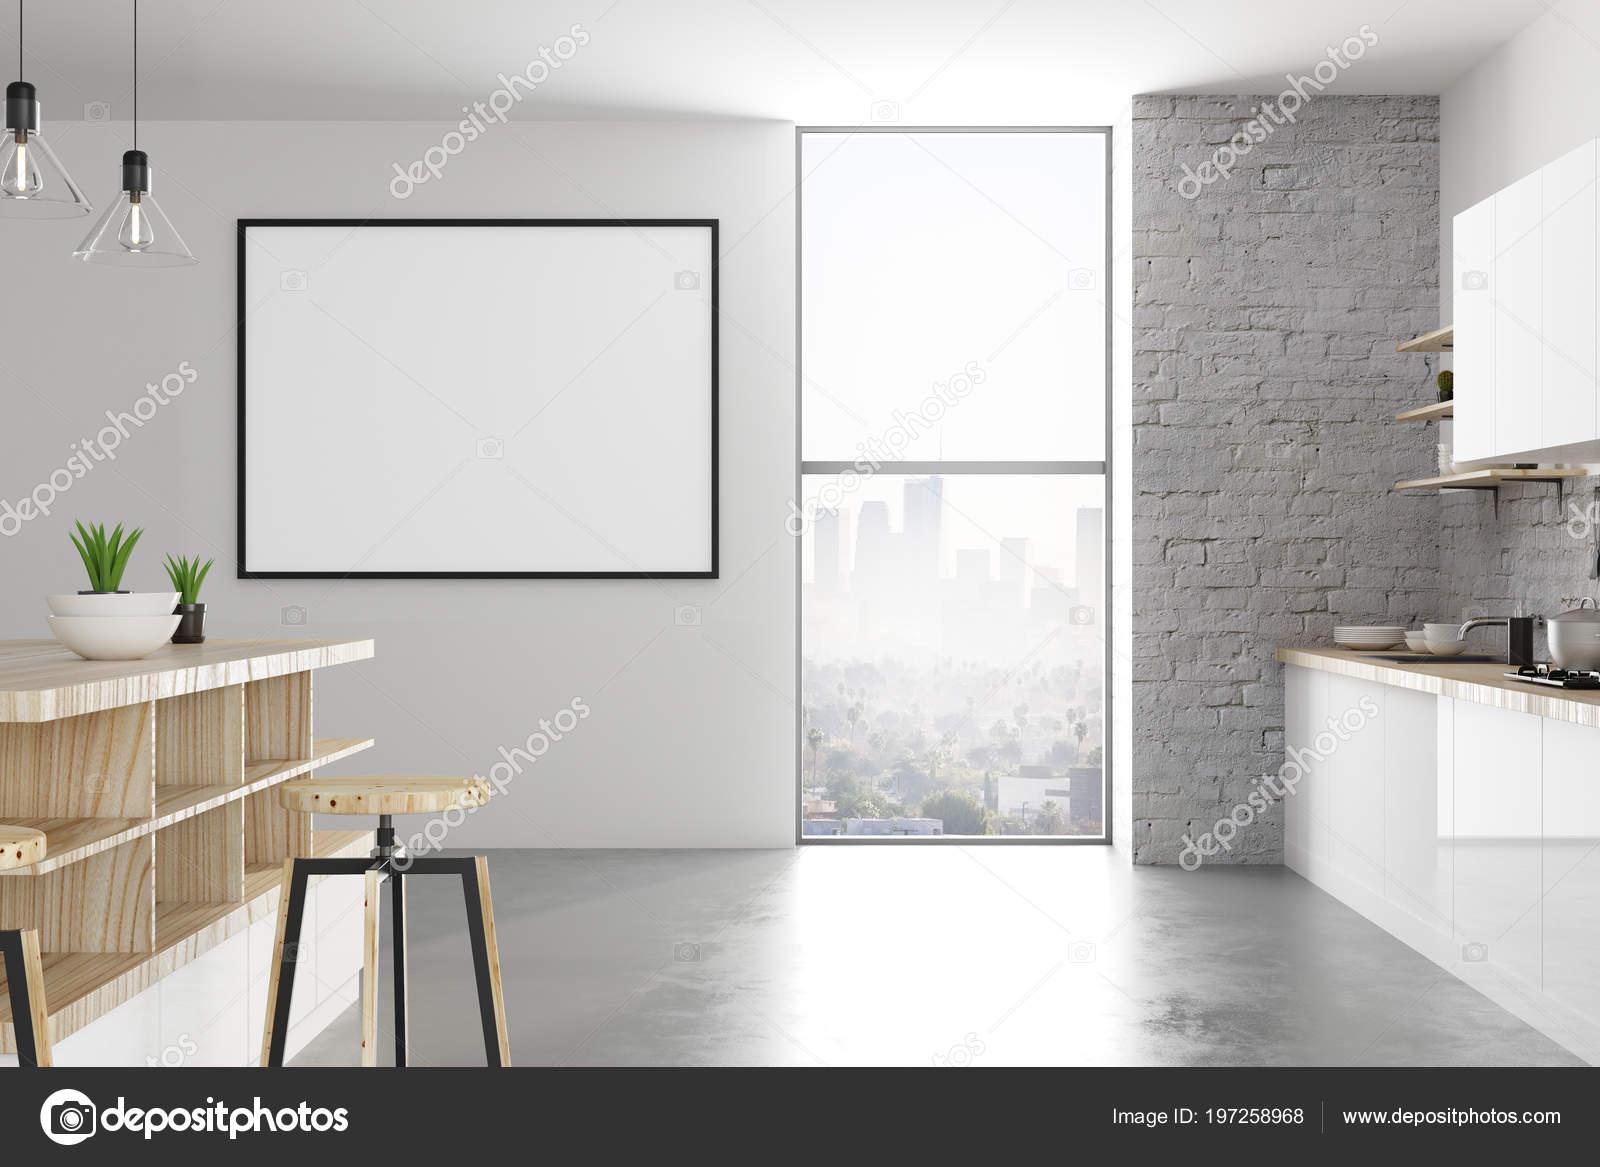 Interiore Della Cucina Moderno Loft Con Tabellone Affissioni ...